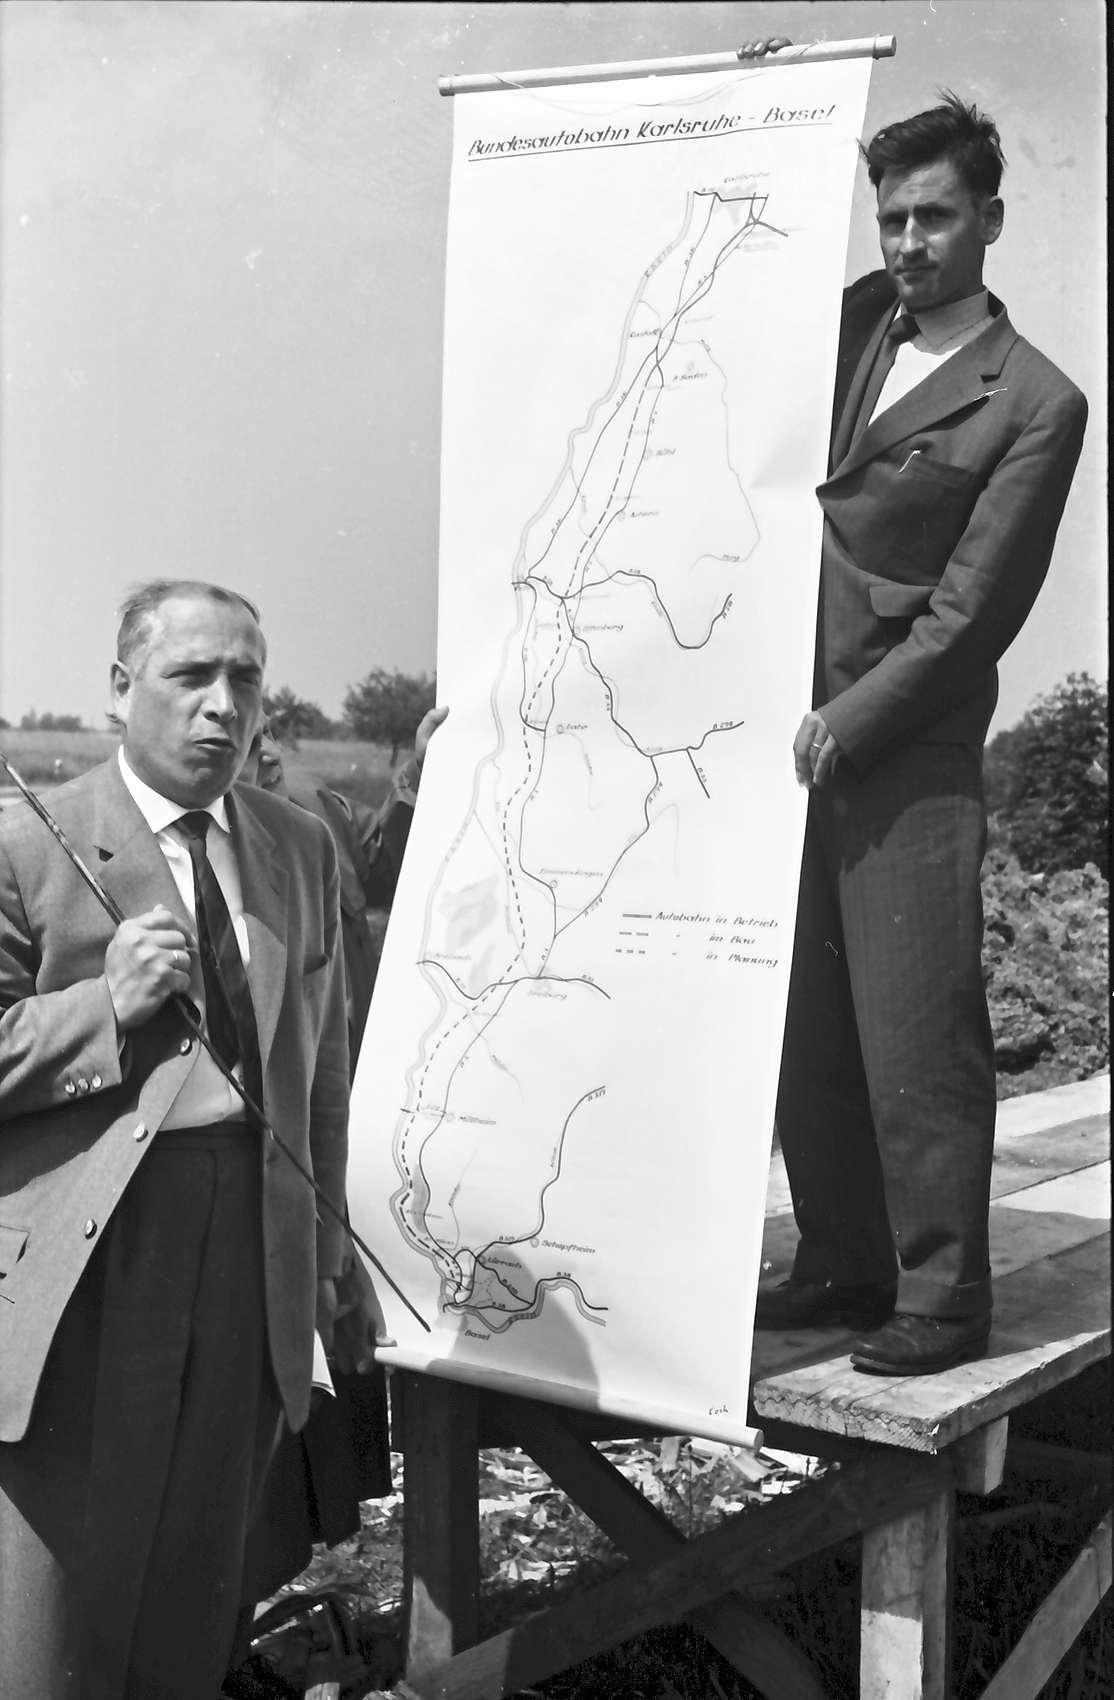 Wagshurst: Regierungsbaudirektor Leins an der Landkarte, Bild 1